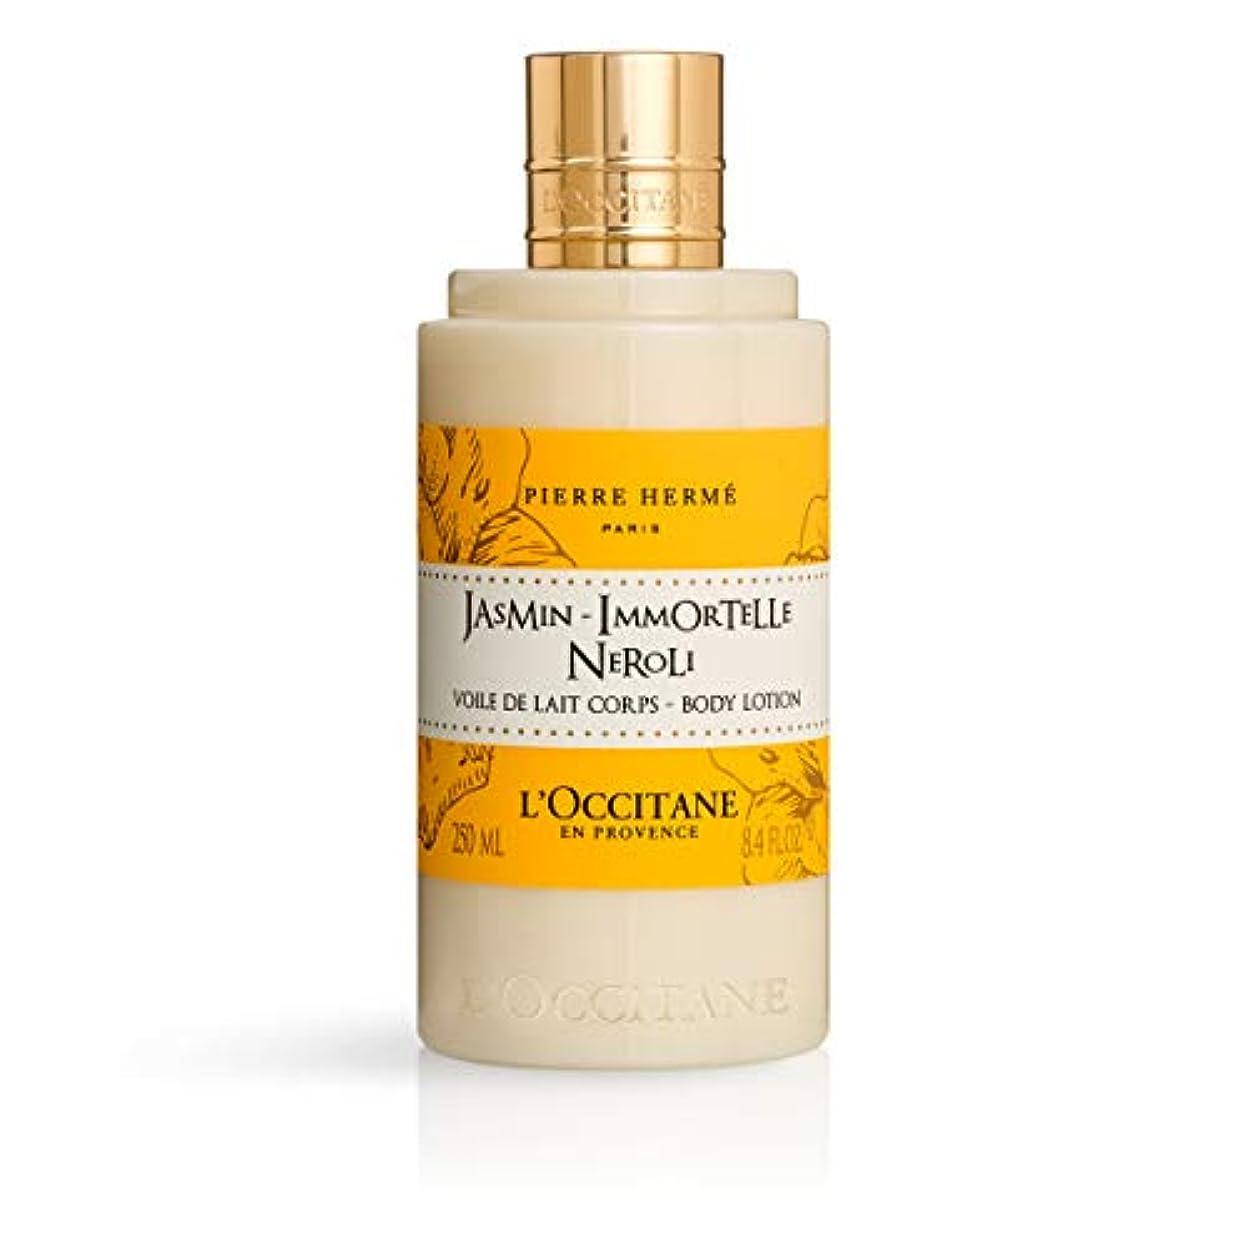 ドナー香水自慢ロクシタン(L'OCCITANE) ジャスミンイモーテルネロリ ボディミルク 250ml ボディクリーム ドラマティックフローラル